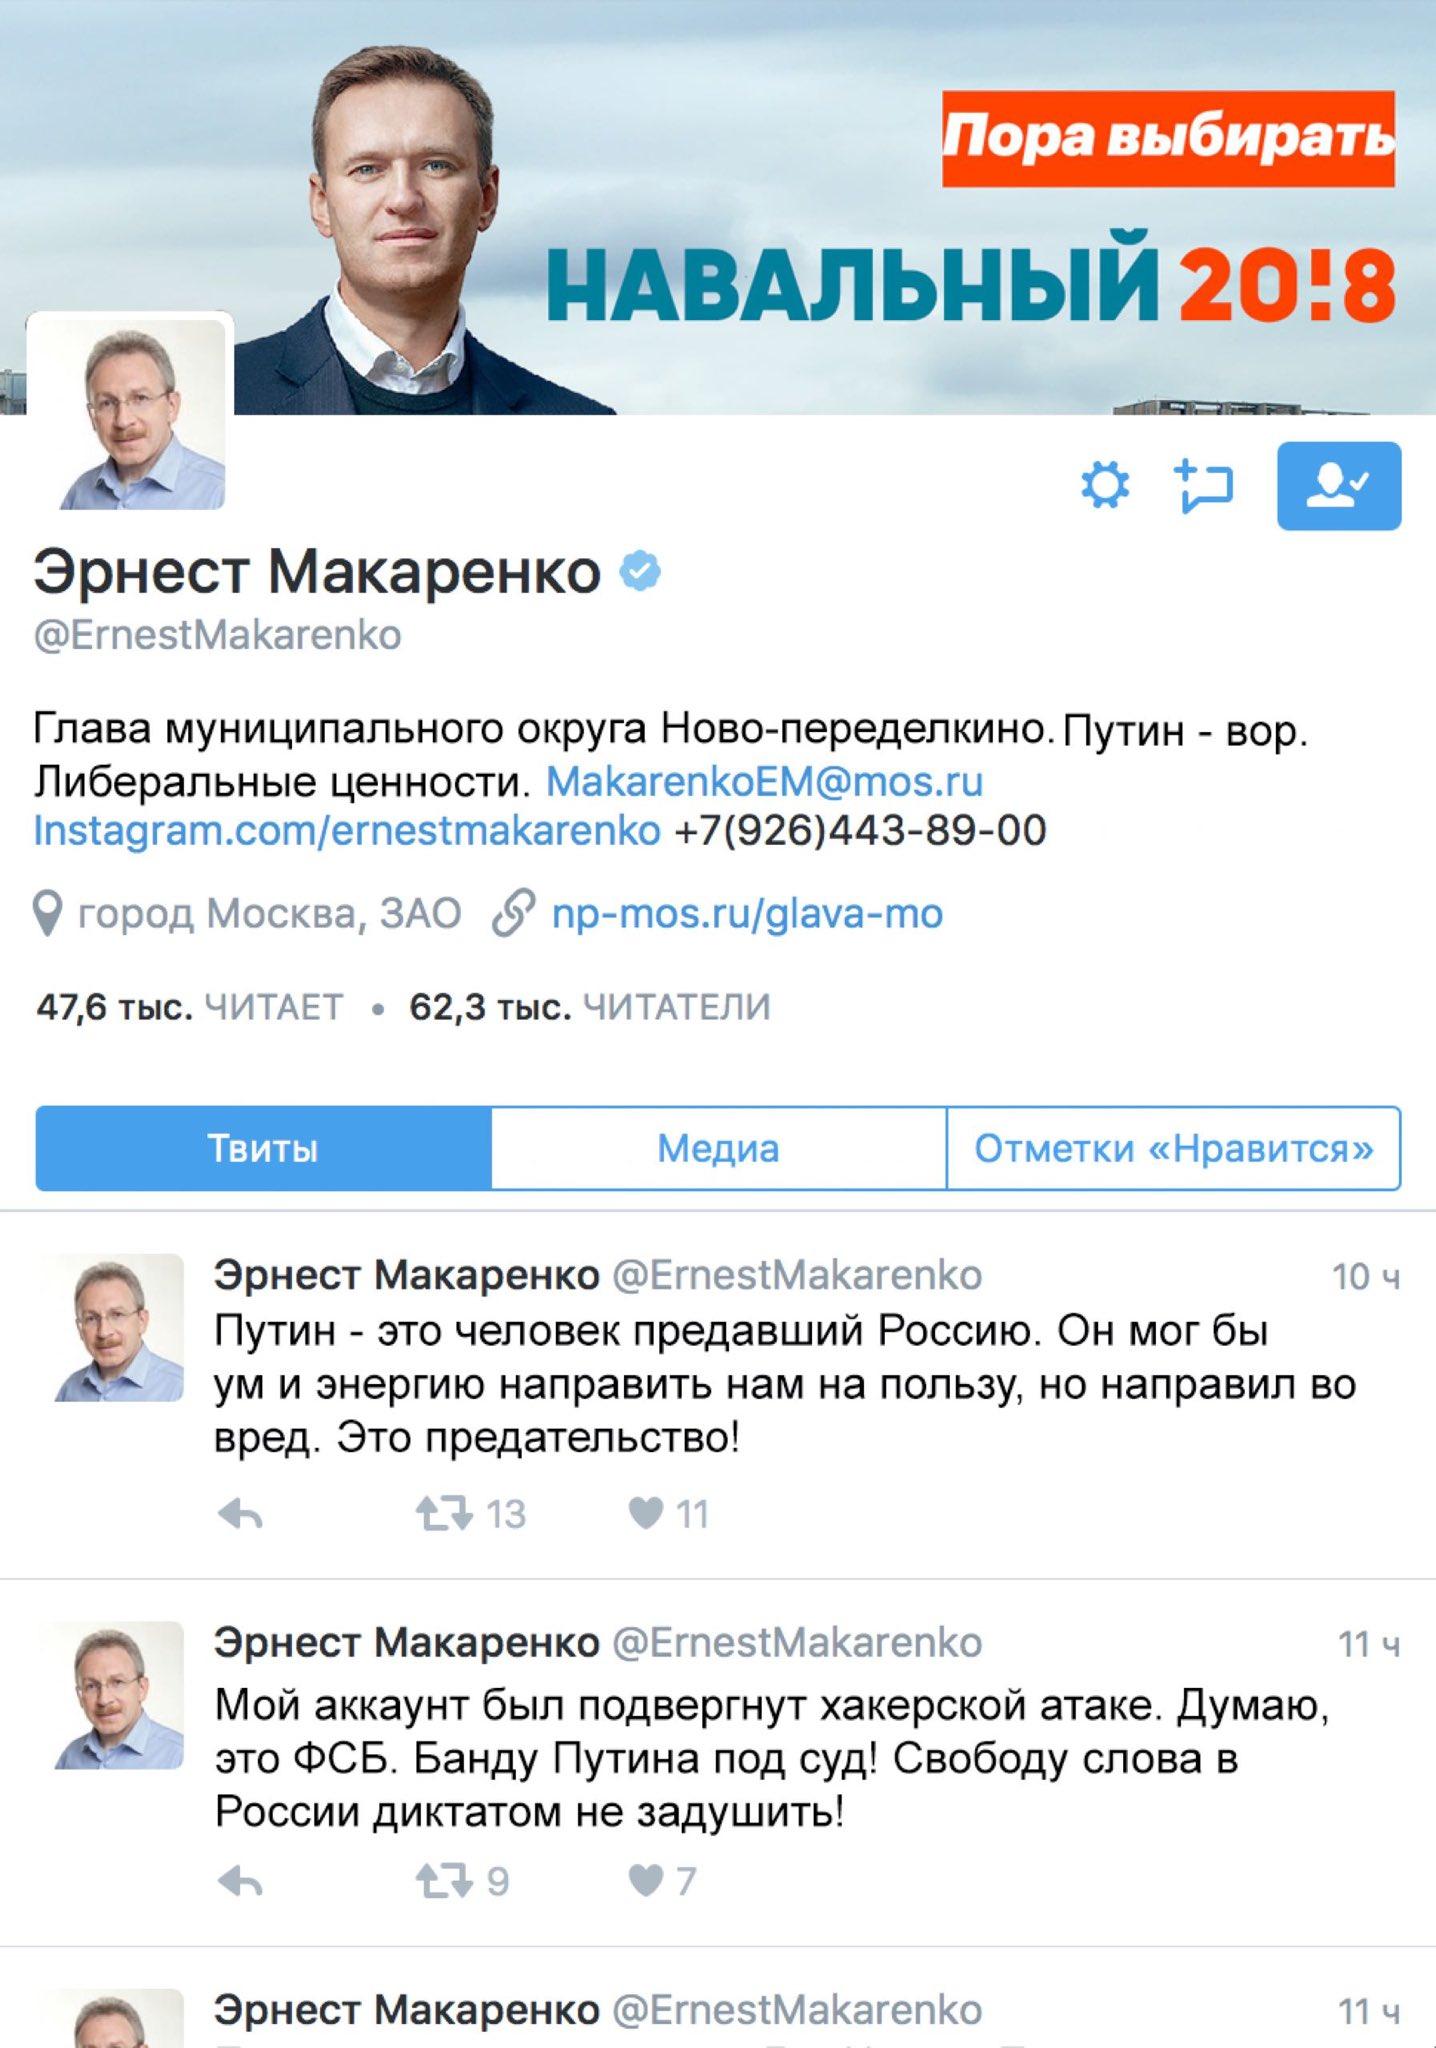 Если победит Навальный